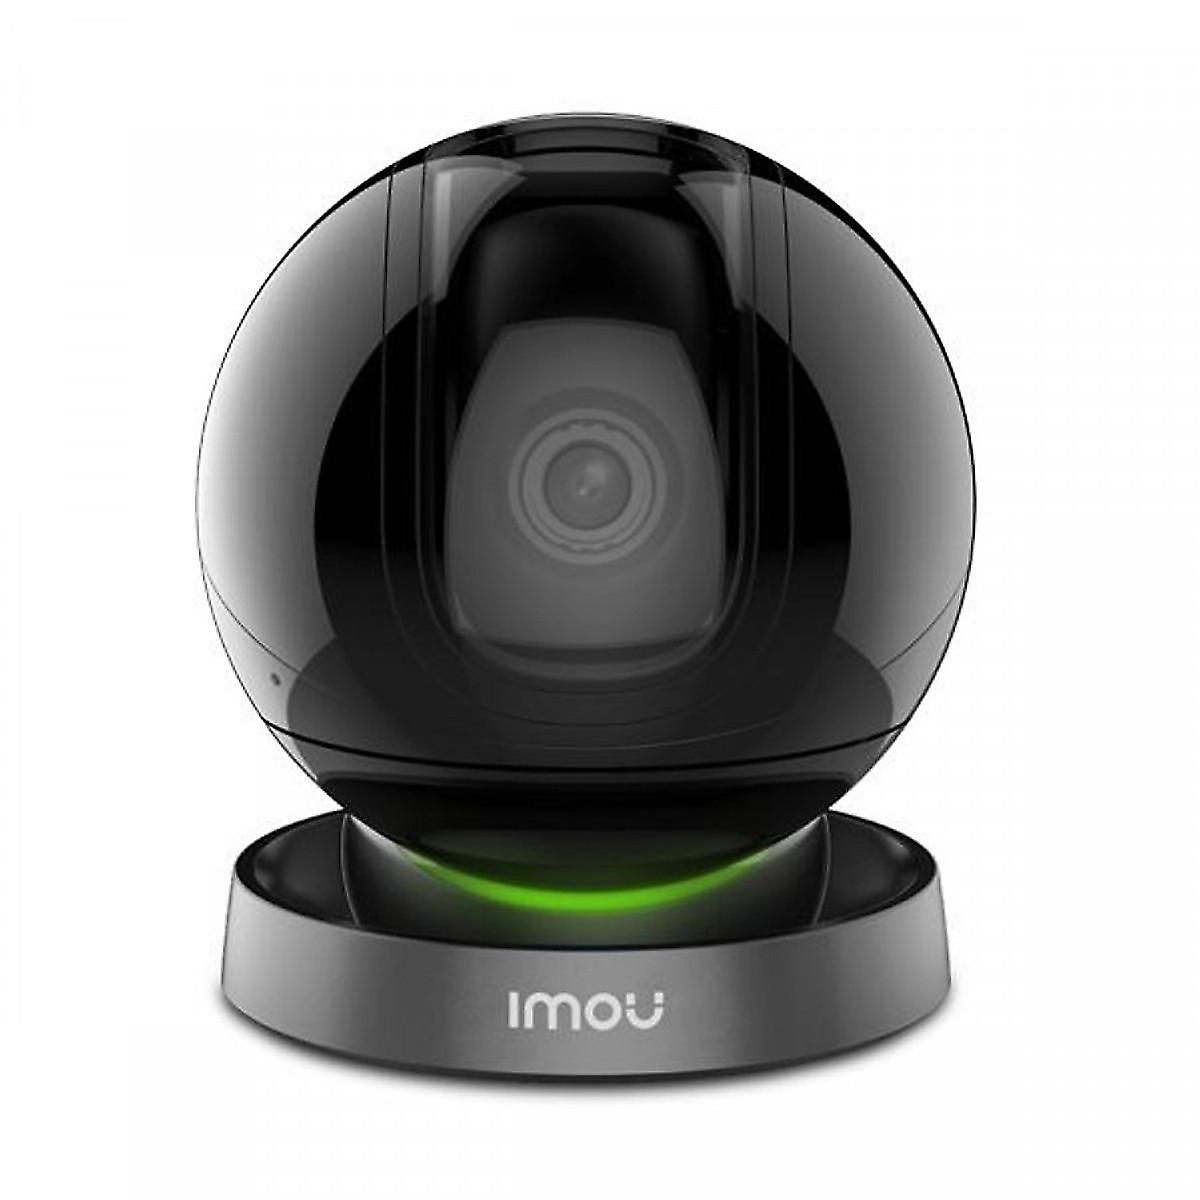 Camera IP Wifi Dahua Imou Ranger Pro Ipc-A26hp 2.0mp Full HD 1080p – TẶNG Thẻ Nhớ Lecun 64G – Hàng Chính Hãng